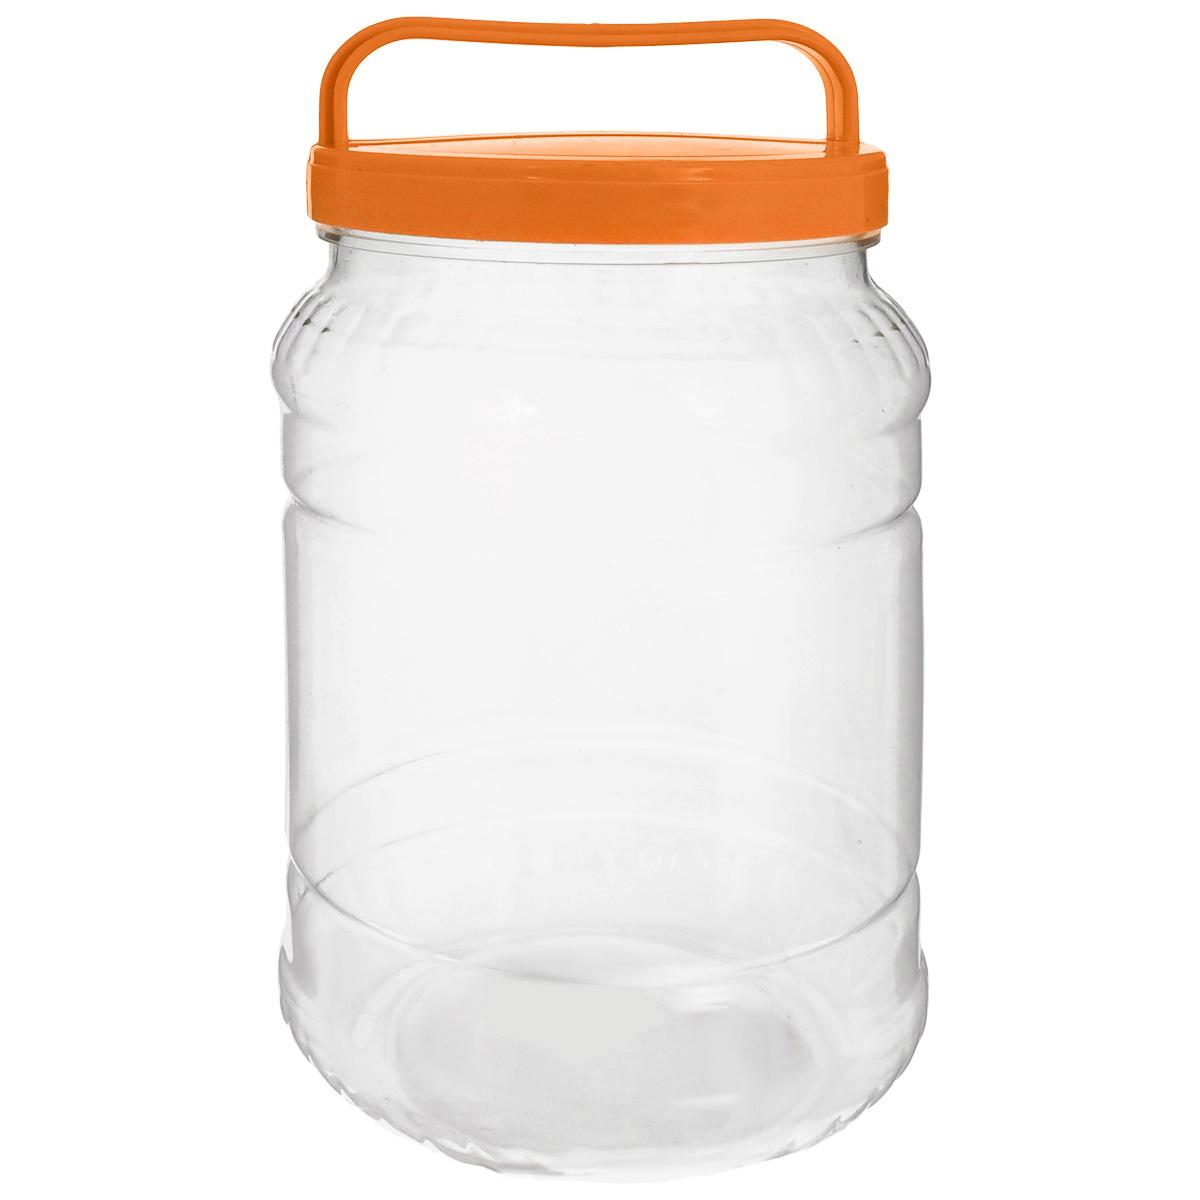 Бидон Альтернатива, цвет: прозрачный, оранжевый, 2 лМ461_оранжевыйБидон Альтернатива предназначен для хранения и переноски пищевых продуктов, таких как молоко, вода и прочее. Выполнен из пищевого высококачественного пластика. Оснащен ручкой для удобной переноски.Бидон Альтернатива станет незаменимым аксессуаром на вашей кухне.Высота бидона (без учета крышки): 20,5 см.Диаметр: 10,5 см.